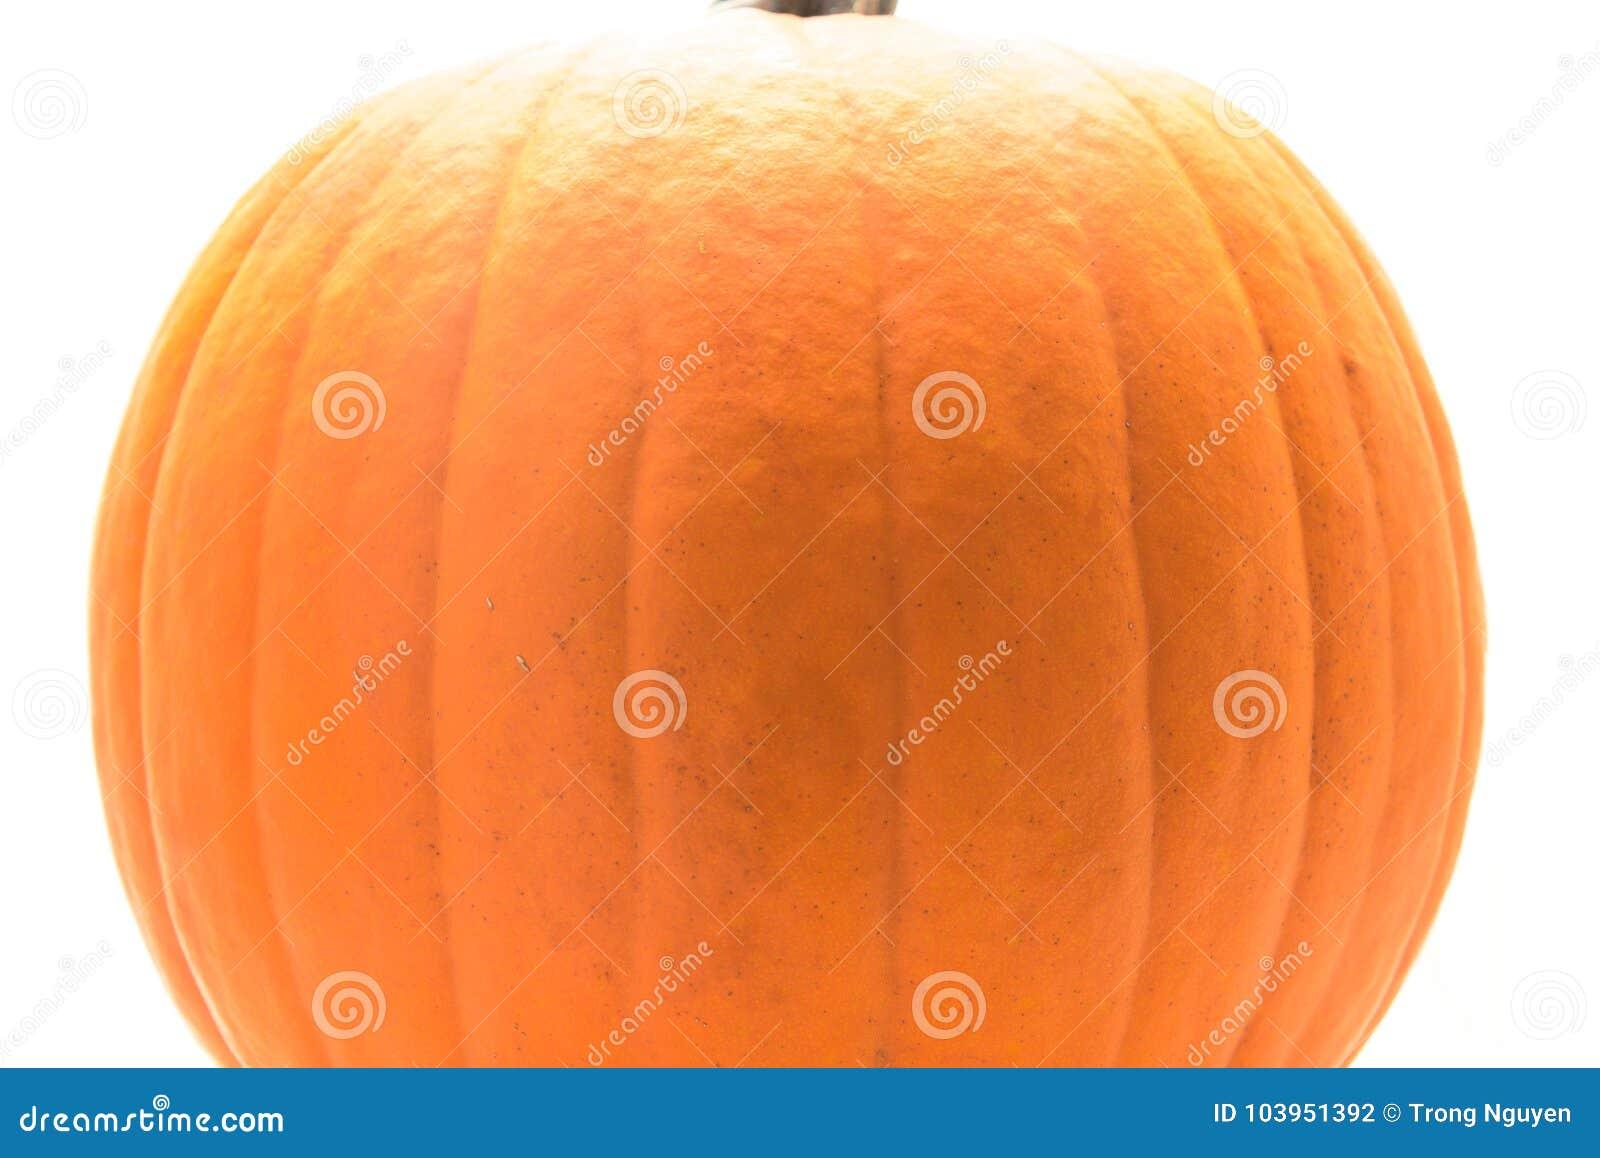 Fresh Large Orange Pumpkin Isolated On White Background